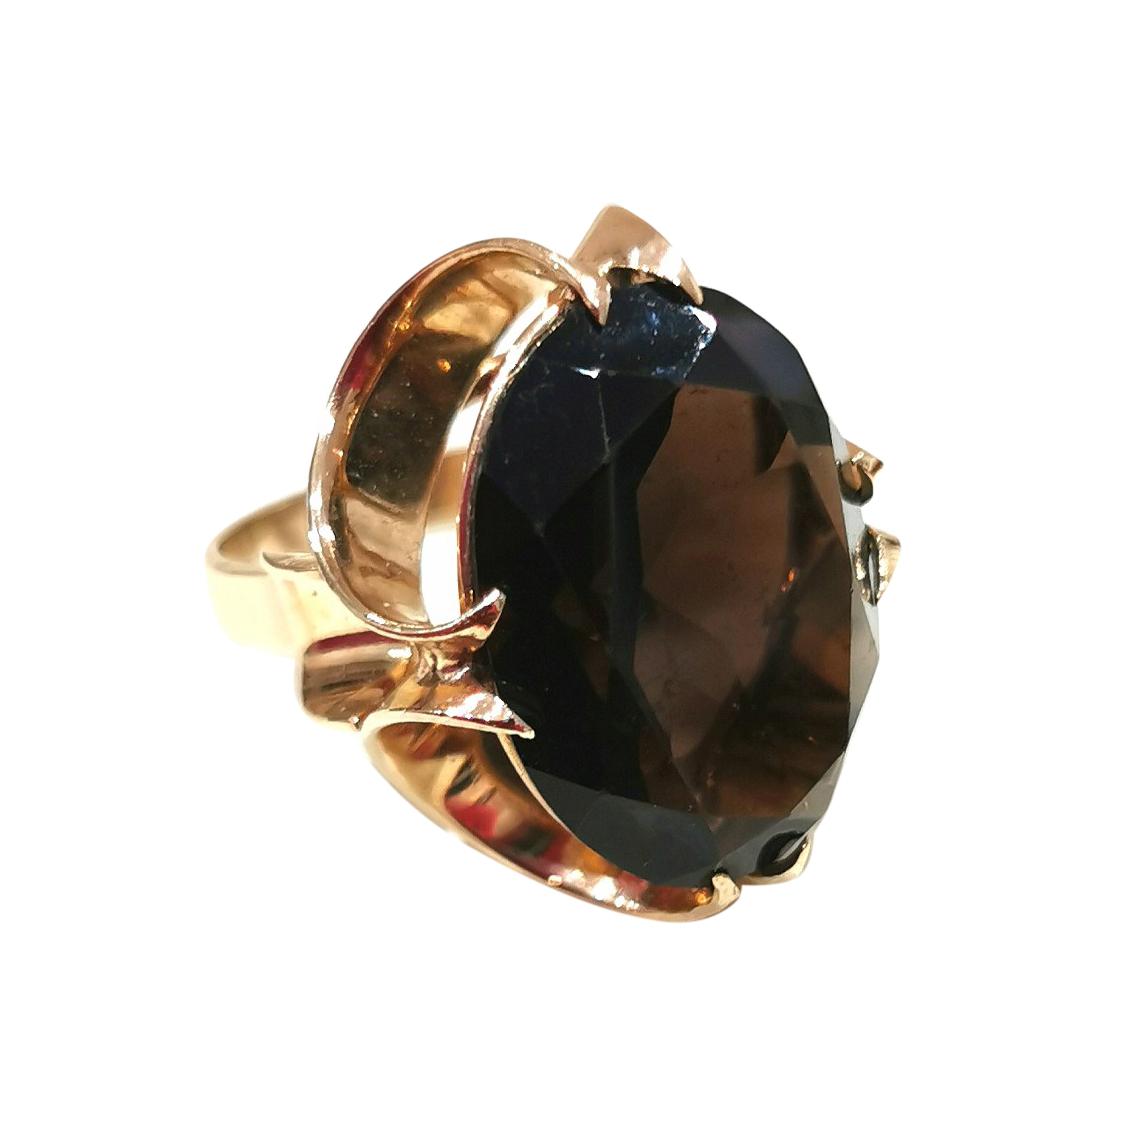 Bespoke vintage 17 carat natural chocolate Topaz ring